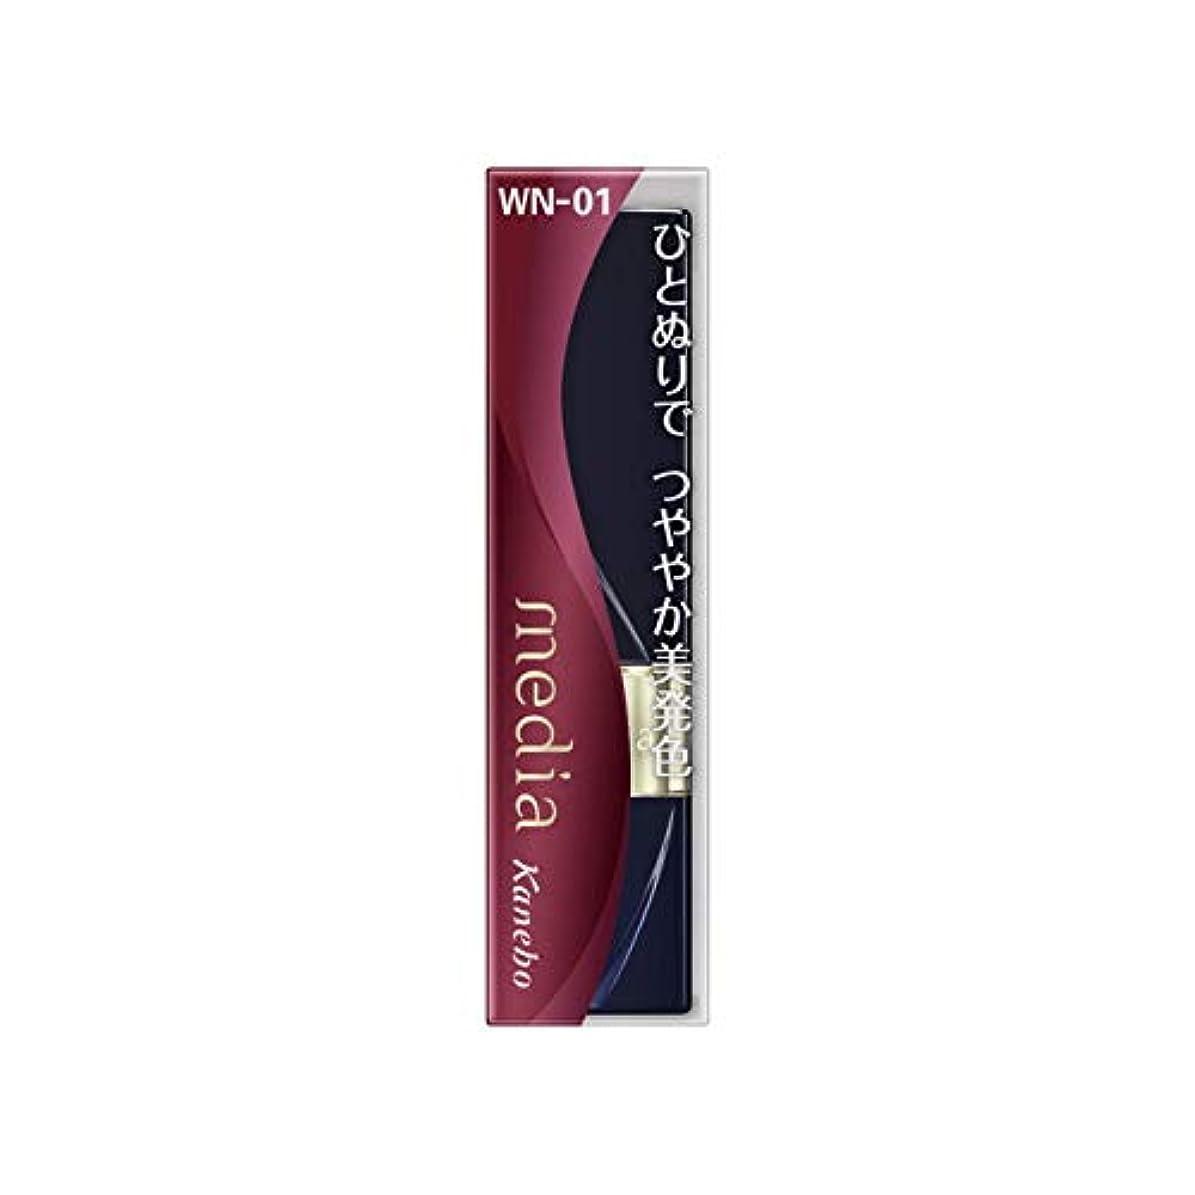 神秘染料調整カネボウ メディア ブライトアップルージュ WN-01(3.1g)